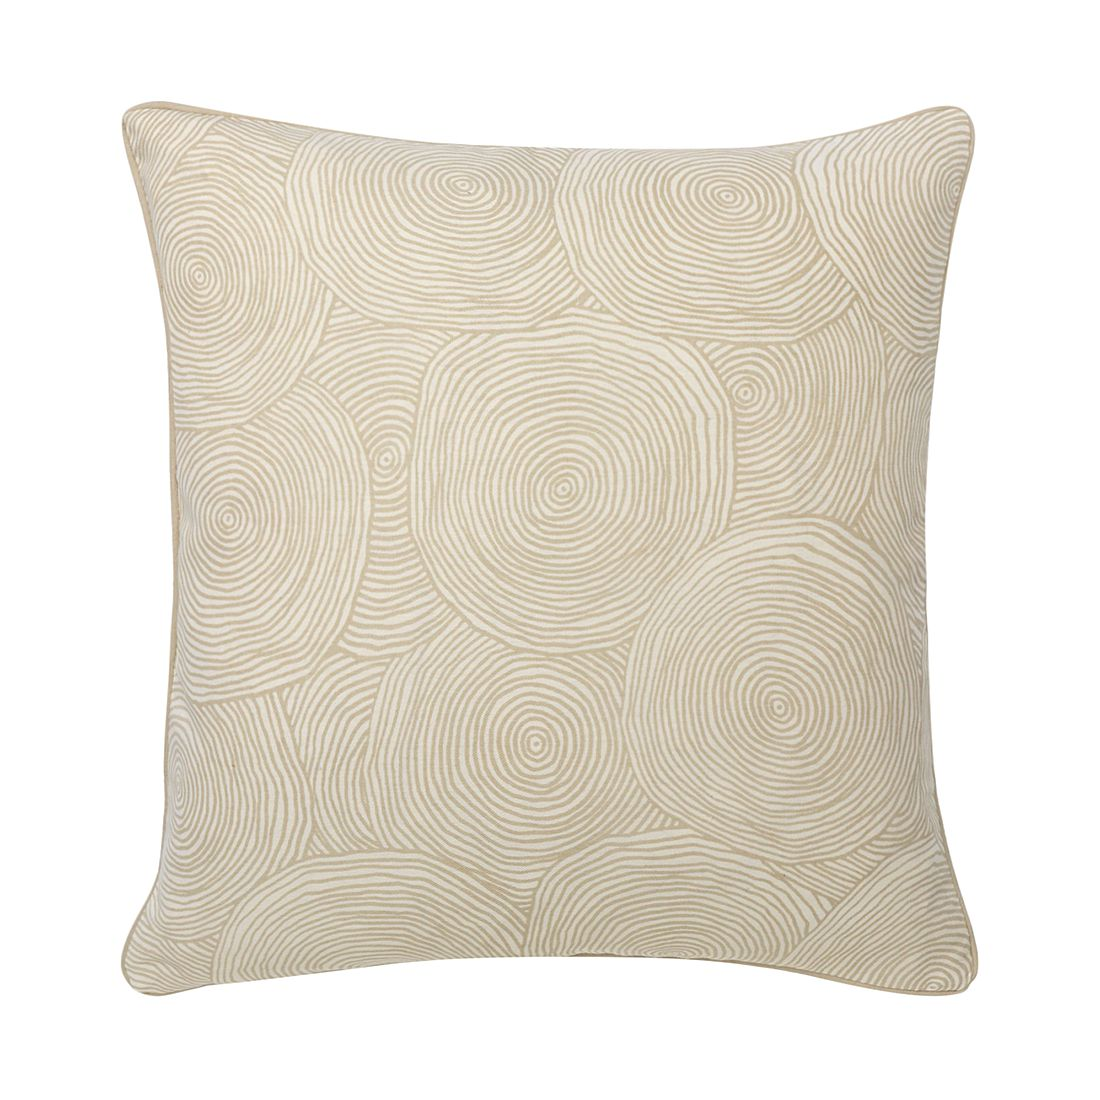 Kissen Marino – 50 X 50 cm, Kiesel, Baumwolle – Kissenhülle, ohne Füllung, Dutch Decor günstig kaufen